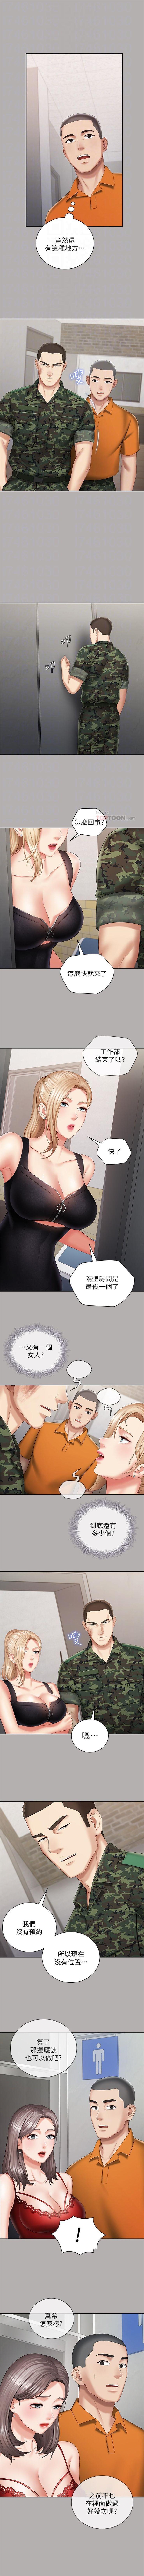 (週6)妹妹的義務 1-19 中文翻譯(更新中) 163